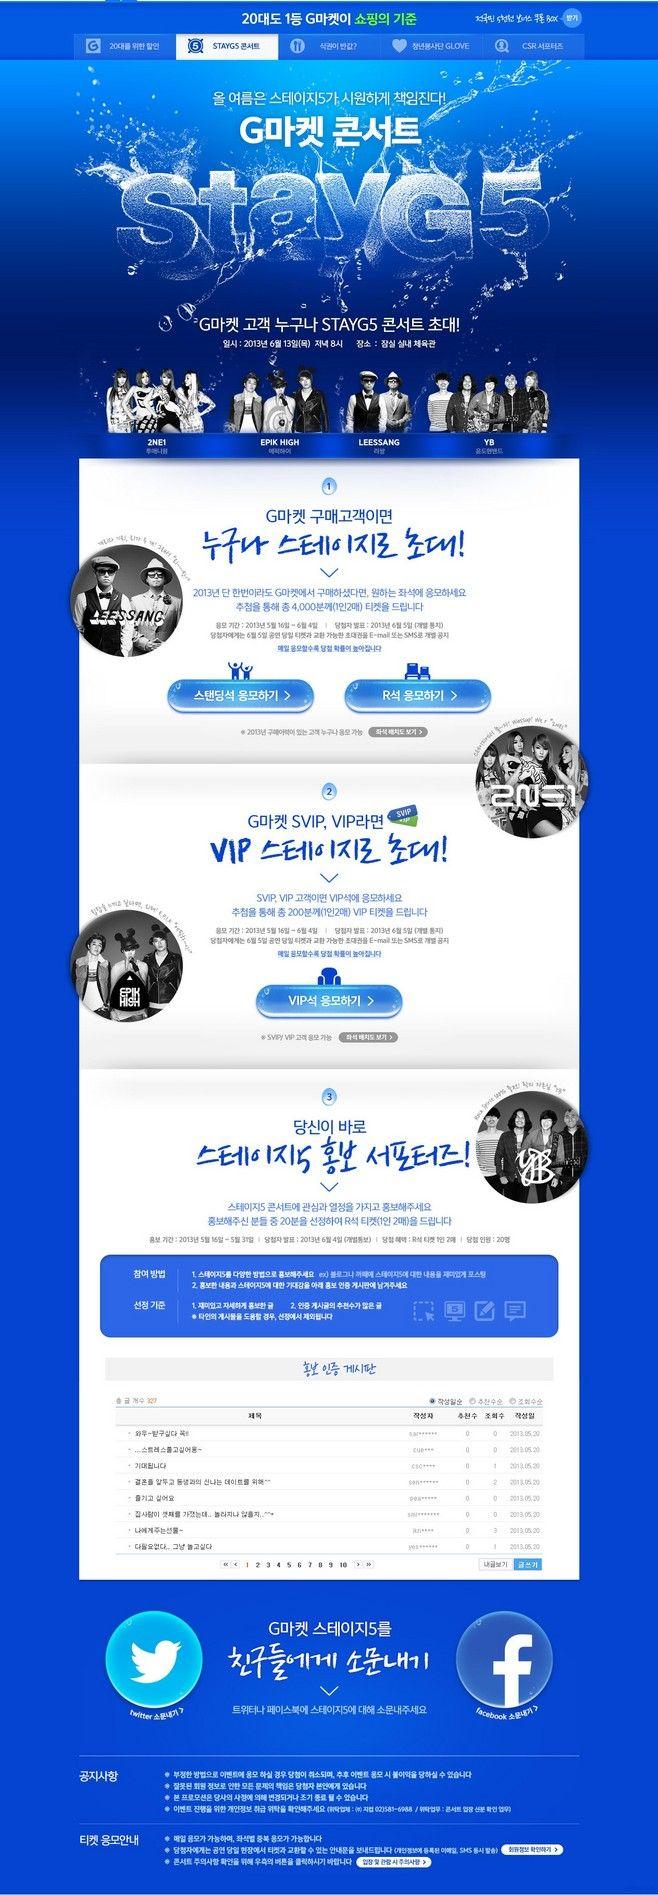 韩国网站界面设计欣赏2@莫牢采集到版式(260图)_花瓣平面设计